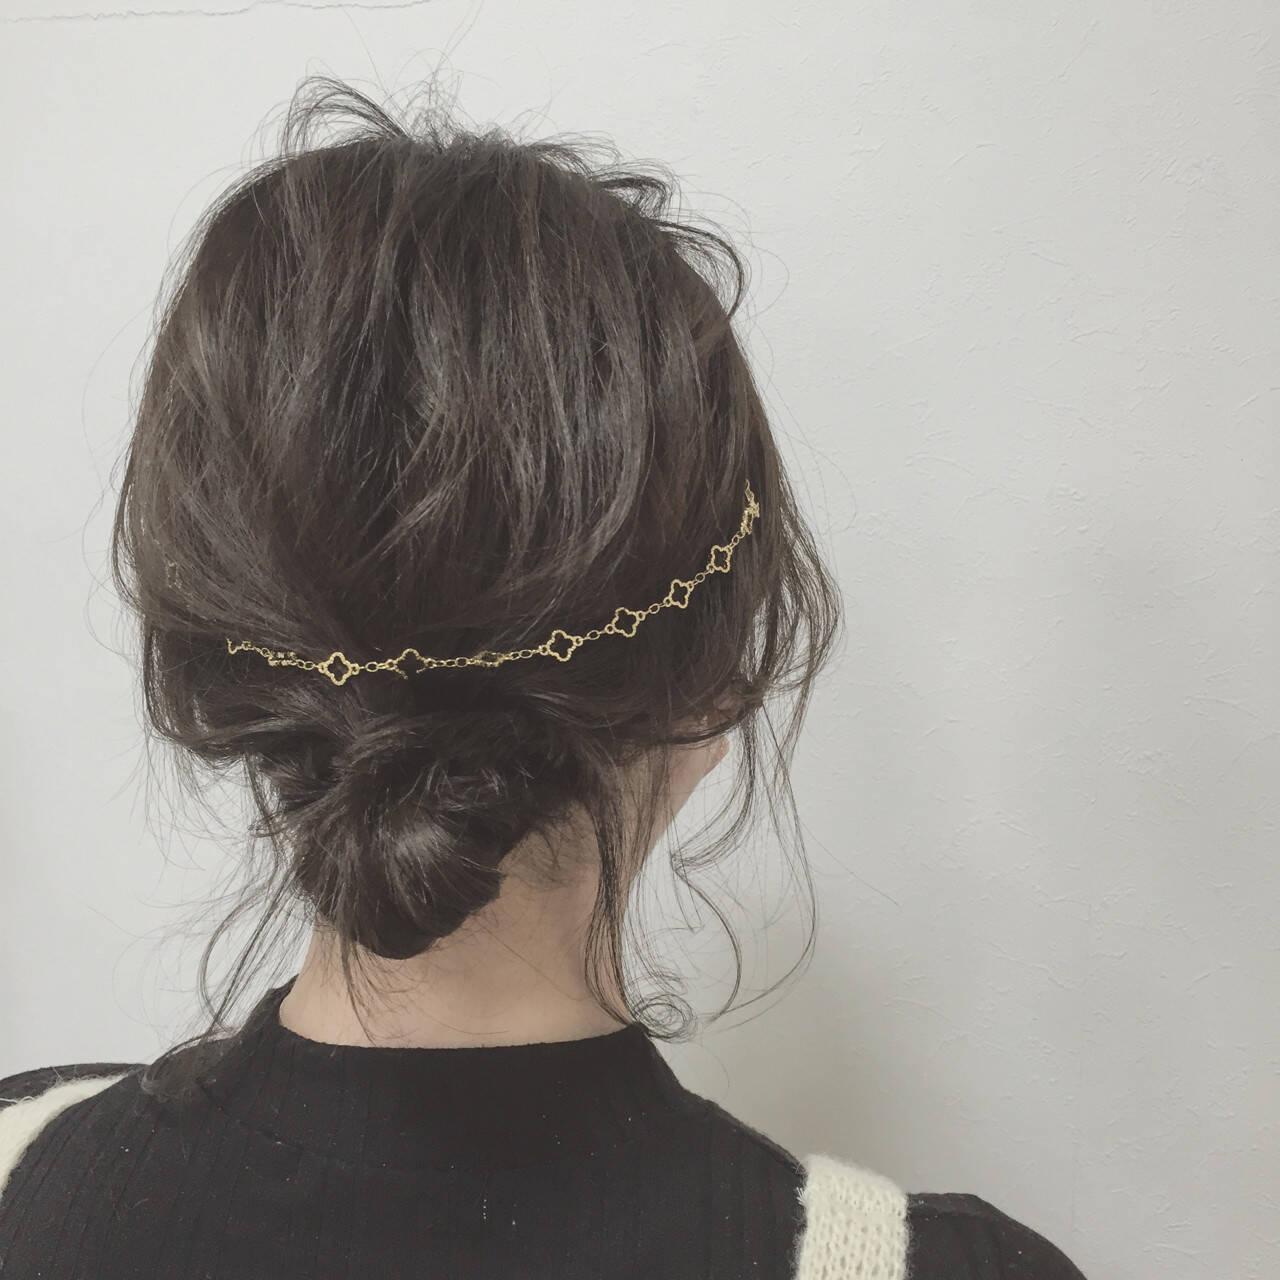 簡単ヘアアレンジ ボブ ショート カチューシャヘアスタイルや髪型の写真・画像